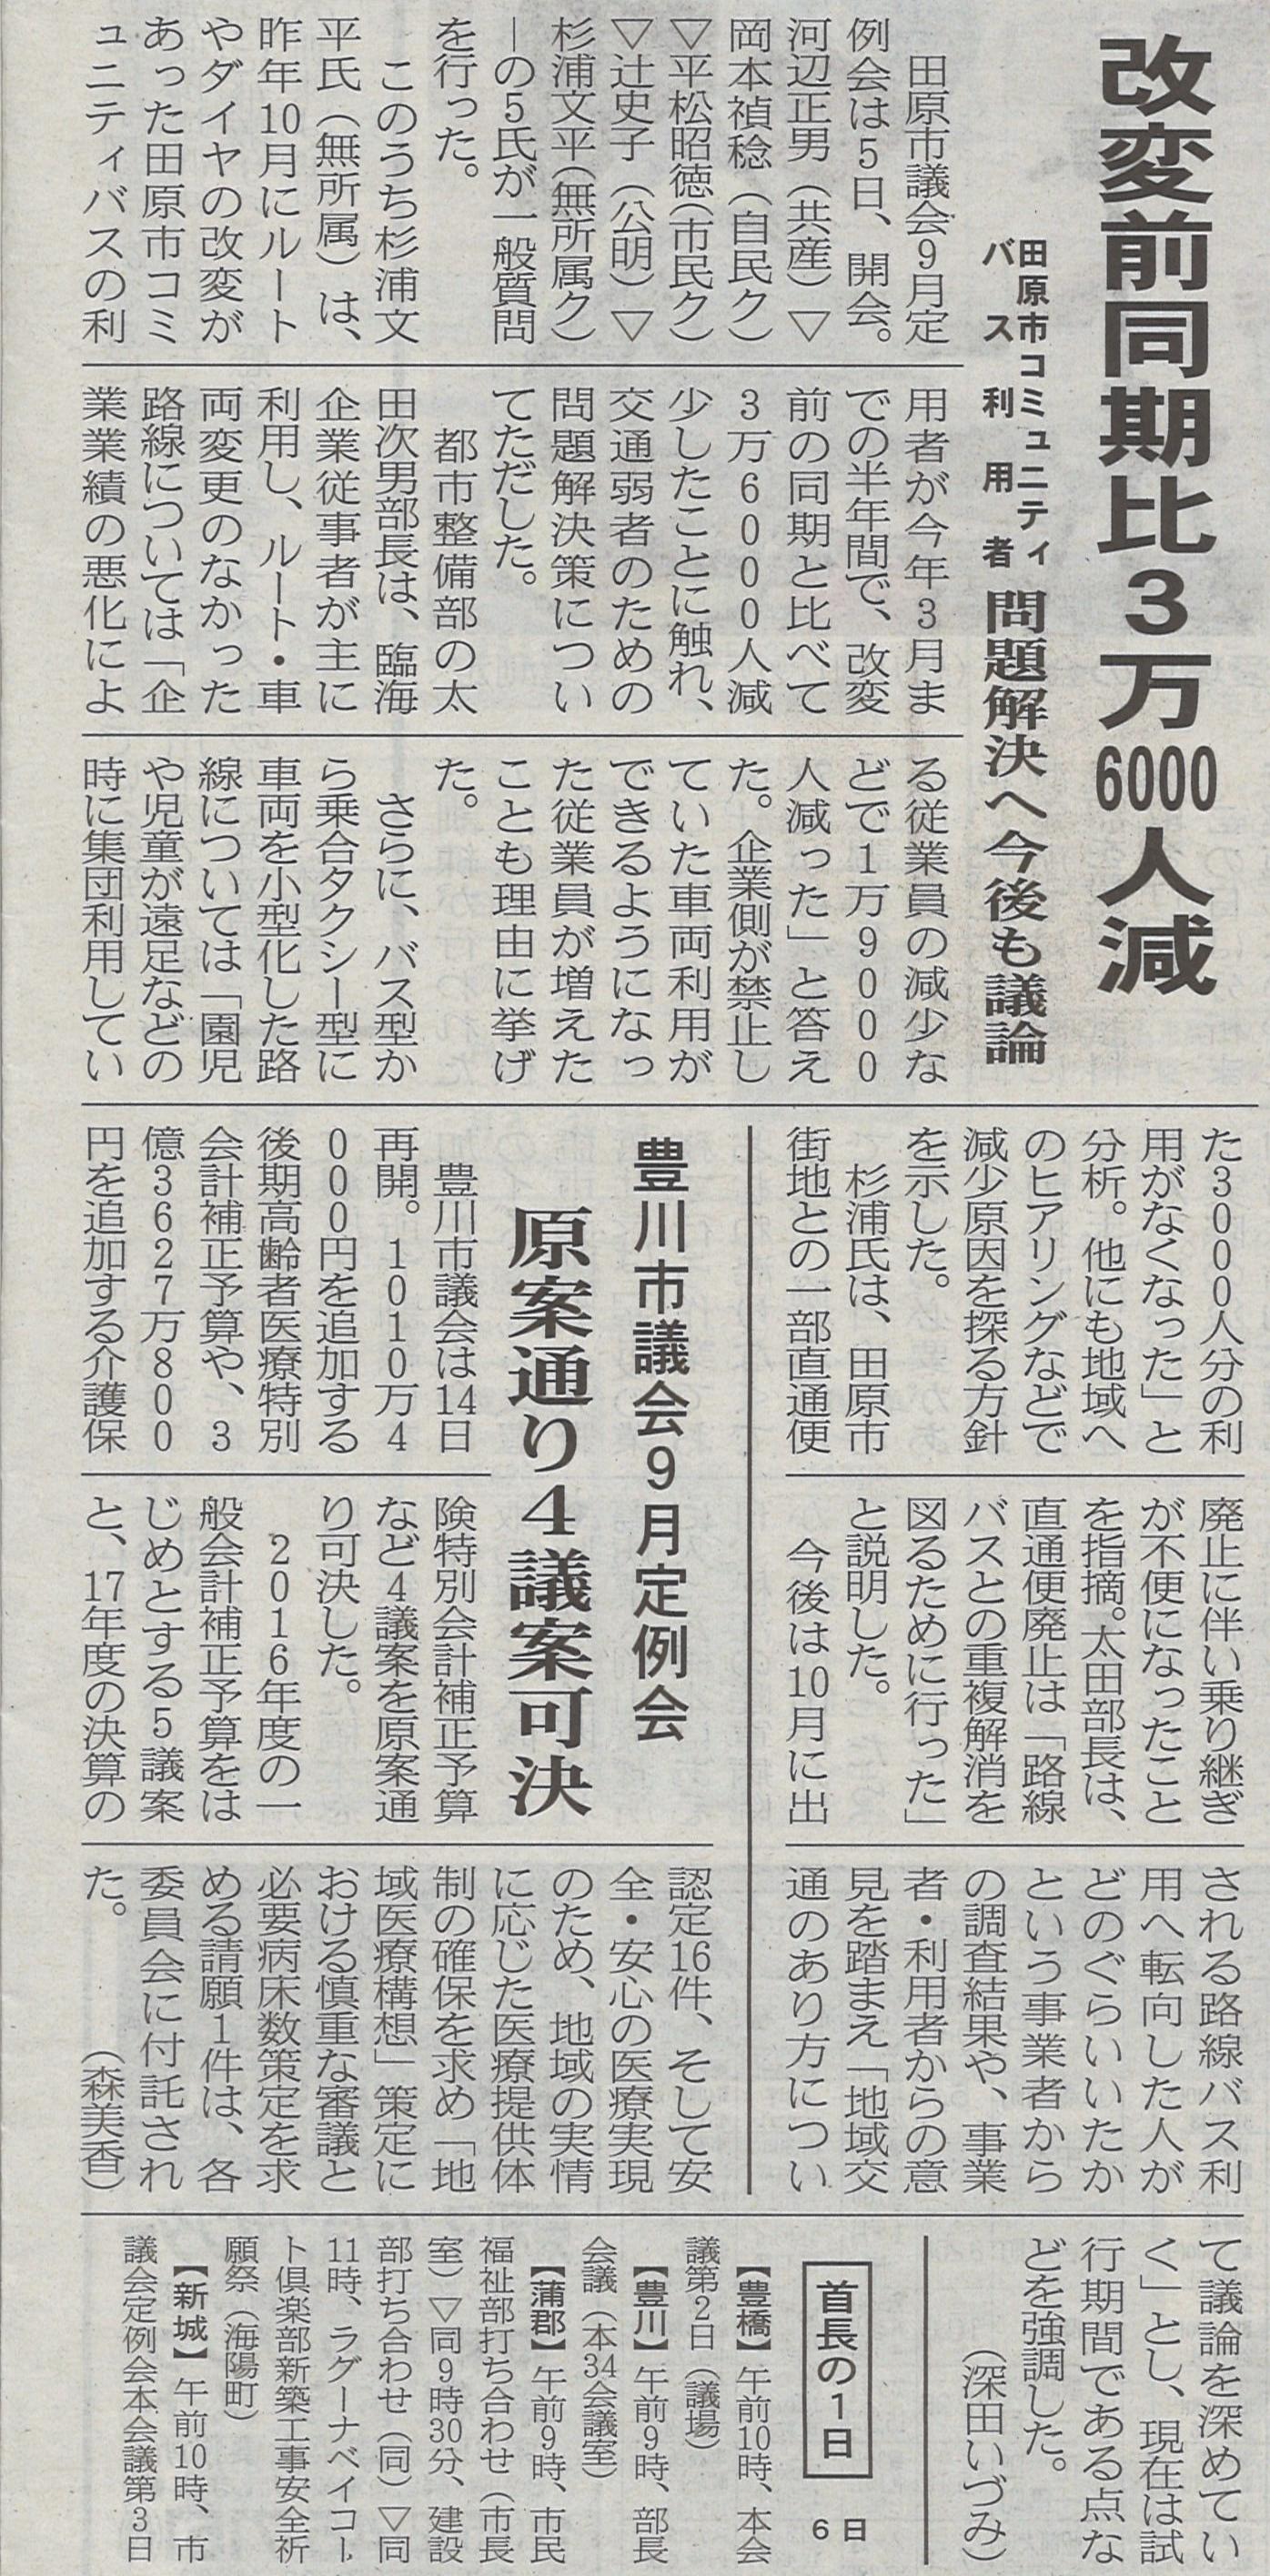 037_東日新聞新聞掲載「改変前同期比3万6千人減」